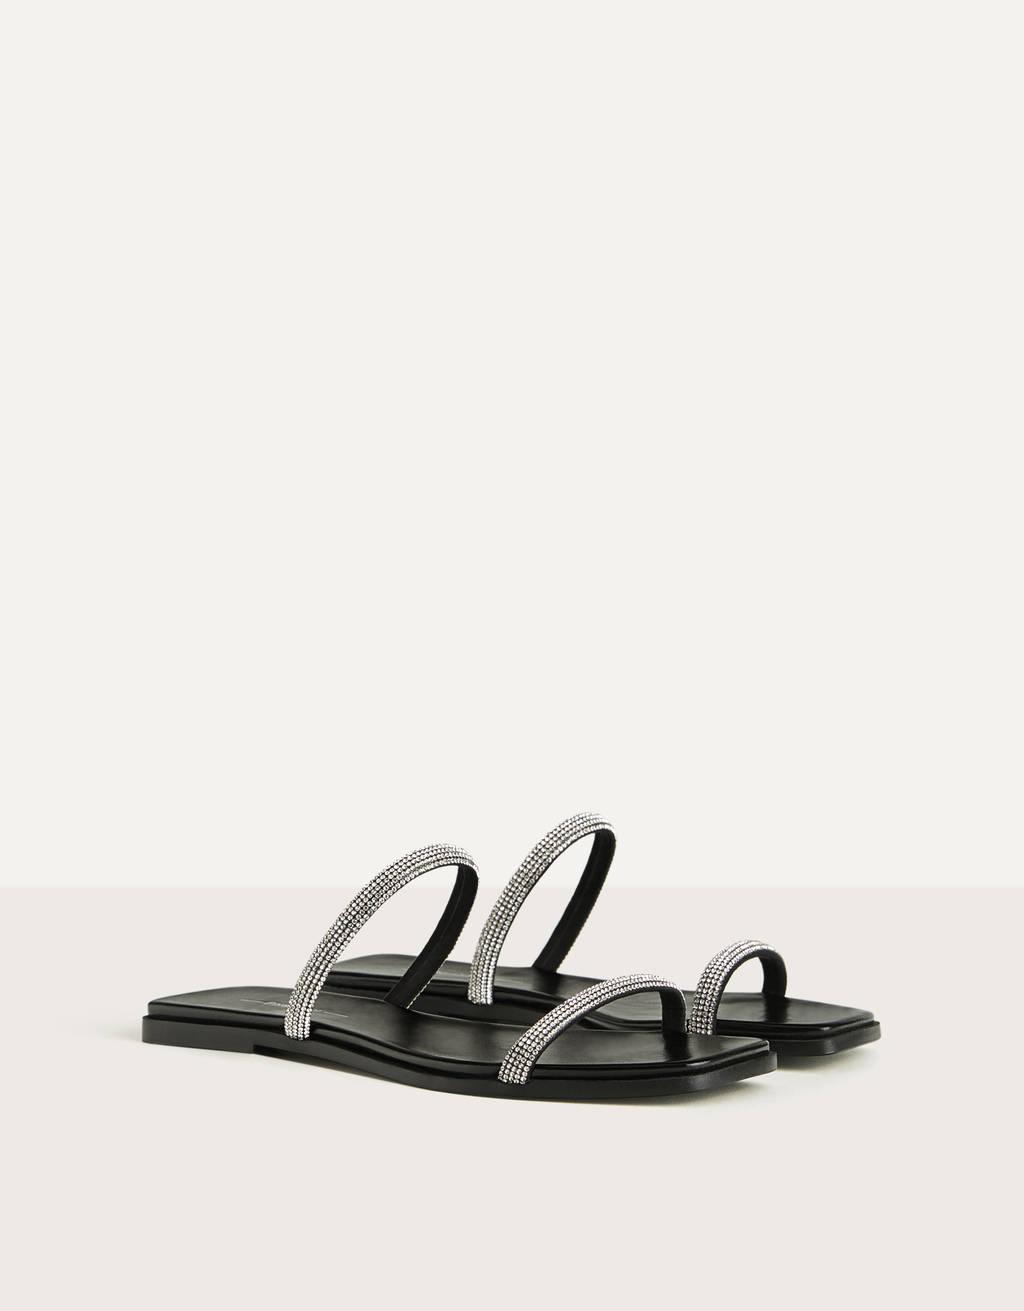 Sandalia plana tiras joya de Berhka